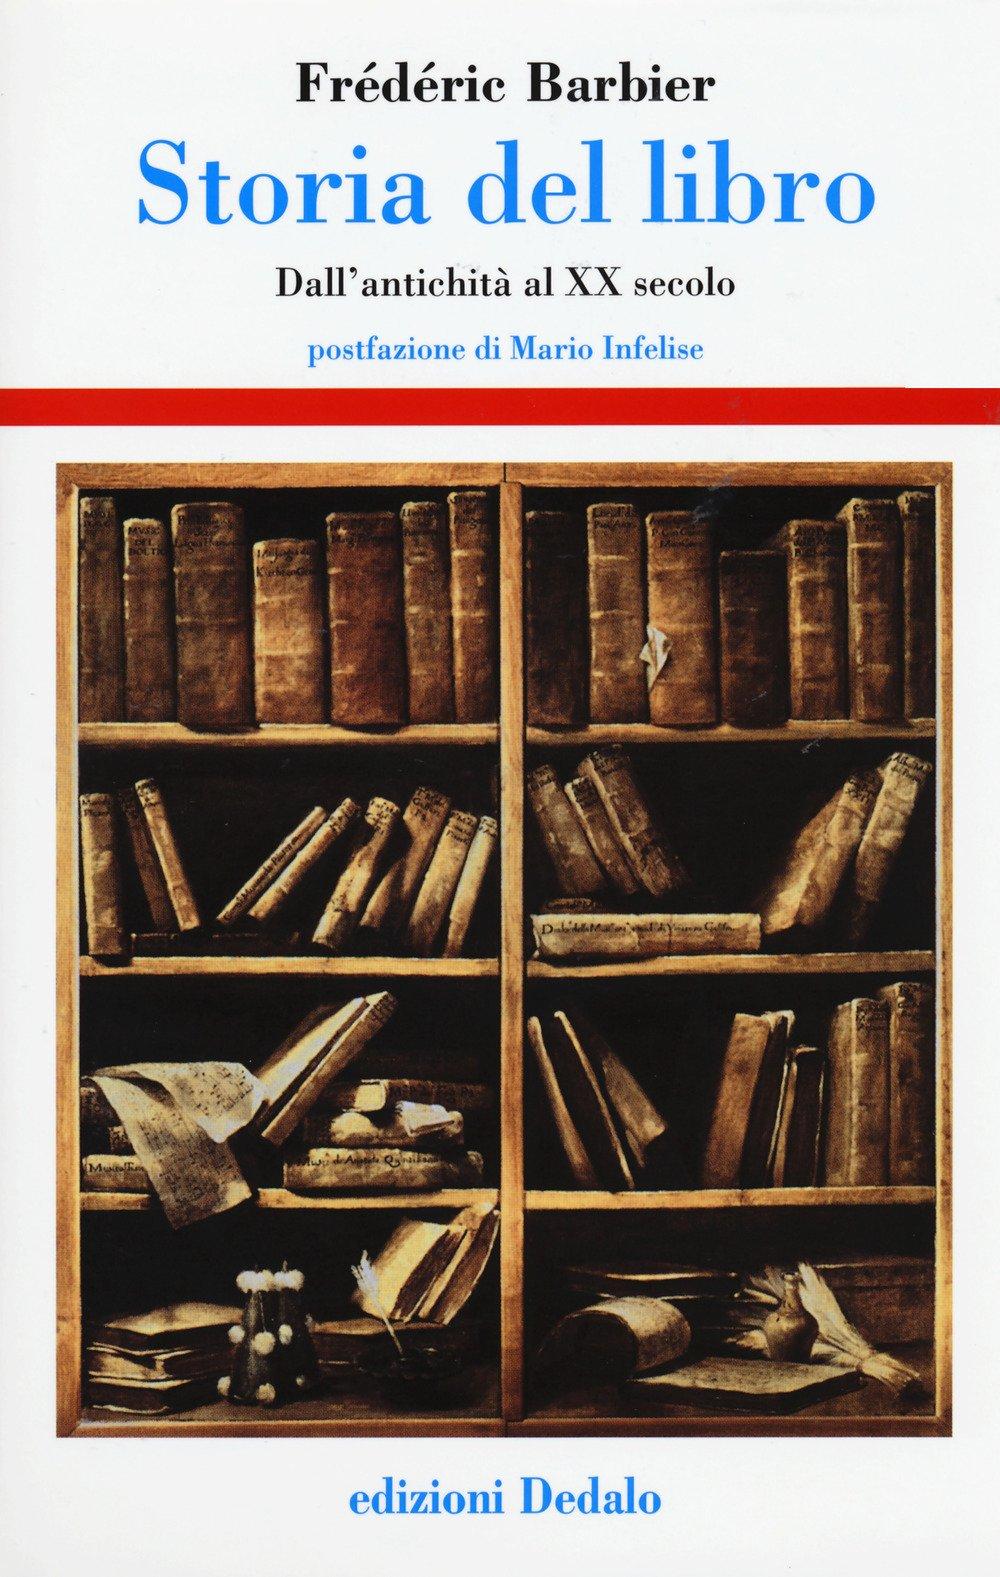 Storia del libro. Dall'antichità al XX secolo Copertina rigida – 22 feb 2018 Frédéric Barbier R. Tomadin Dedalo 8822010043